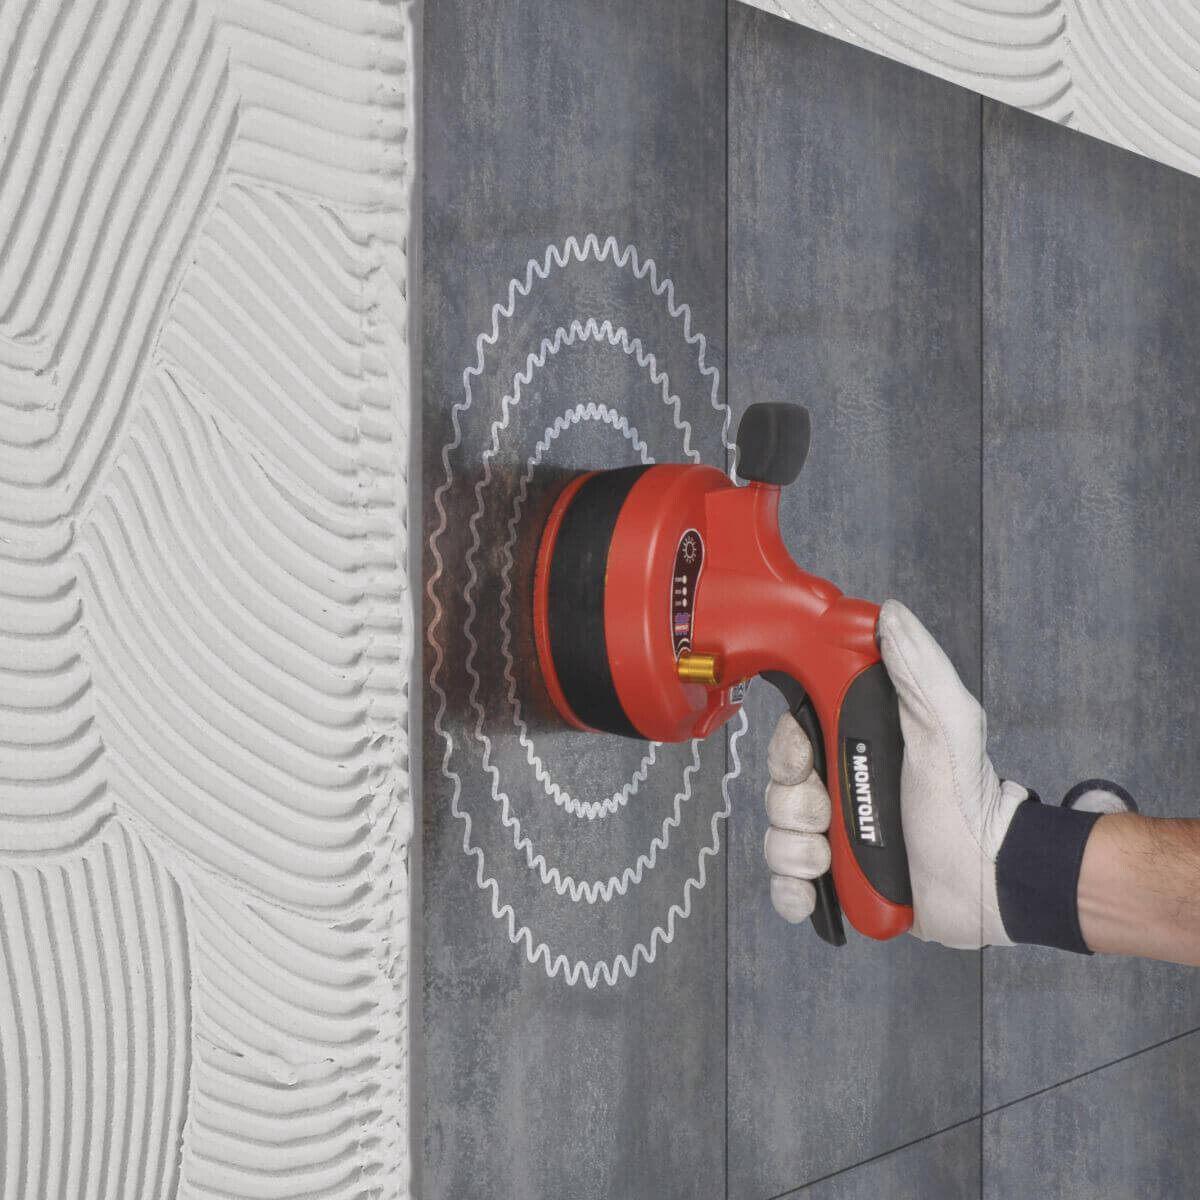 Vibrating Large Format Porcelain Tile for Wall Installation